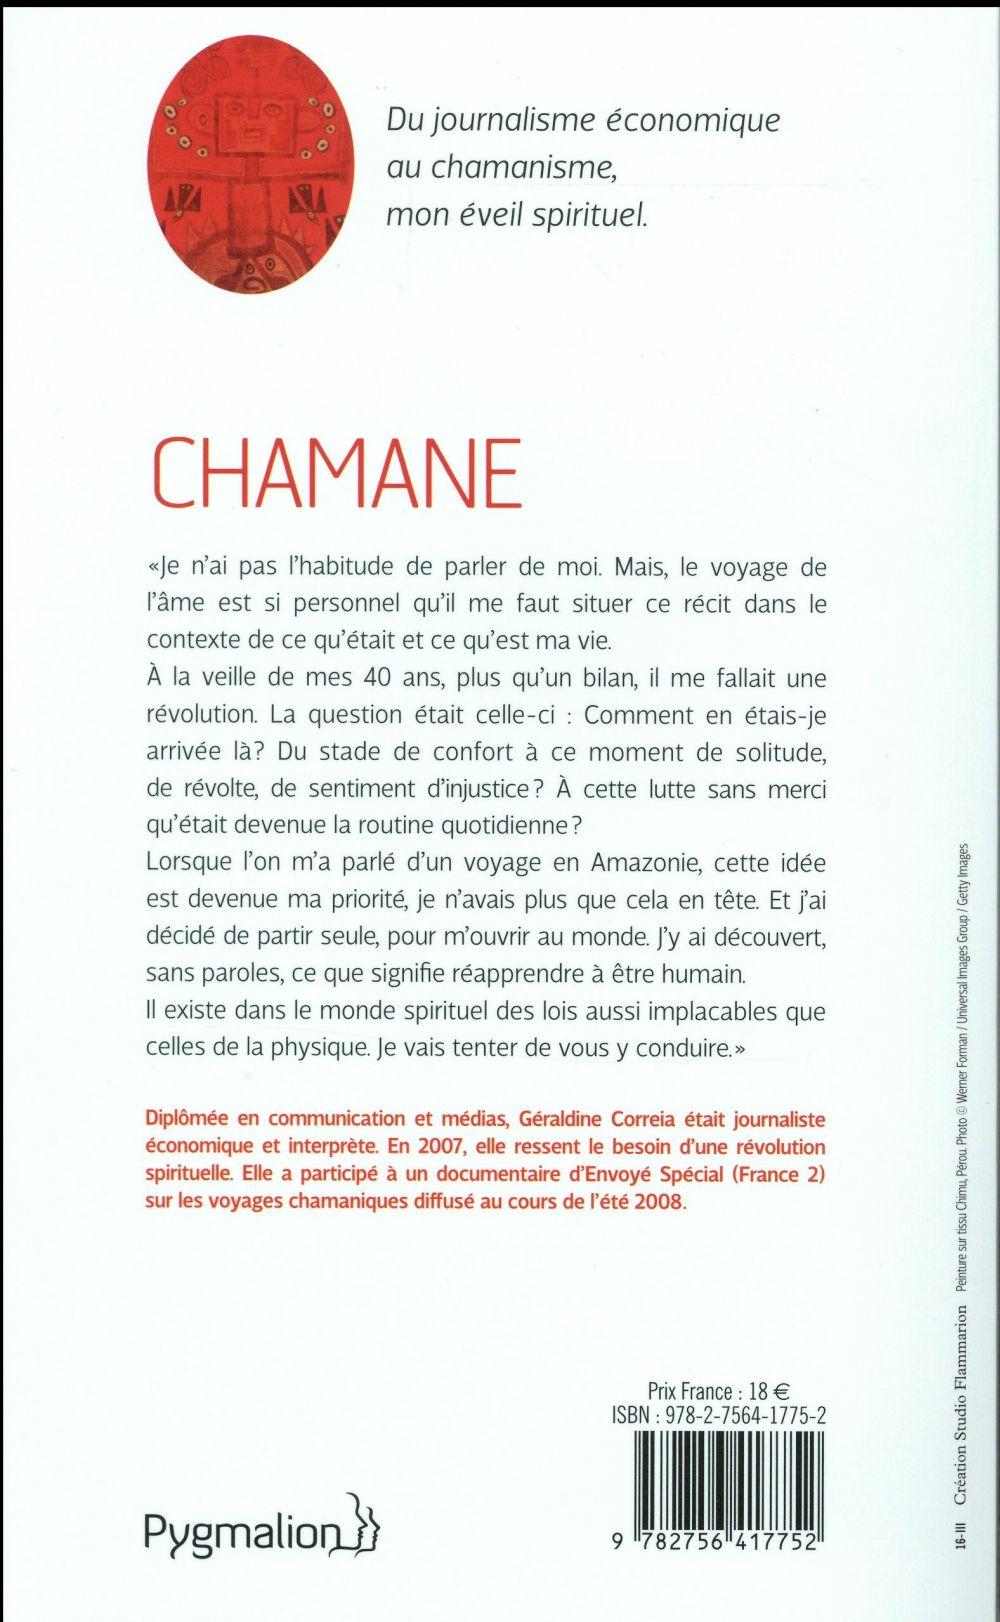 Chamane, les enseignements d'une vie chamanique ; du journalisme économique au chamanisme, mon parcours initiatique